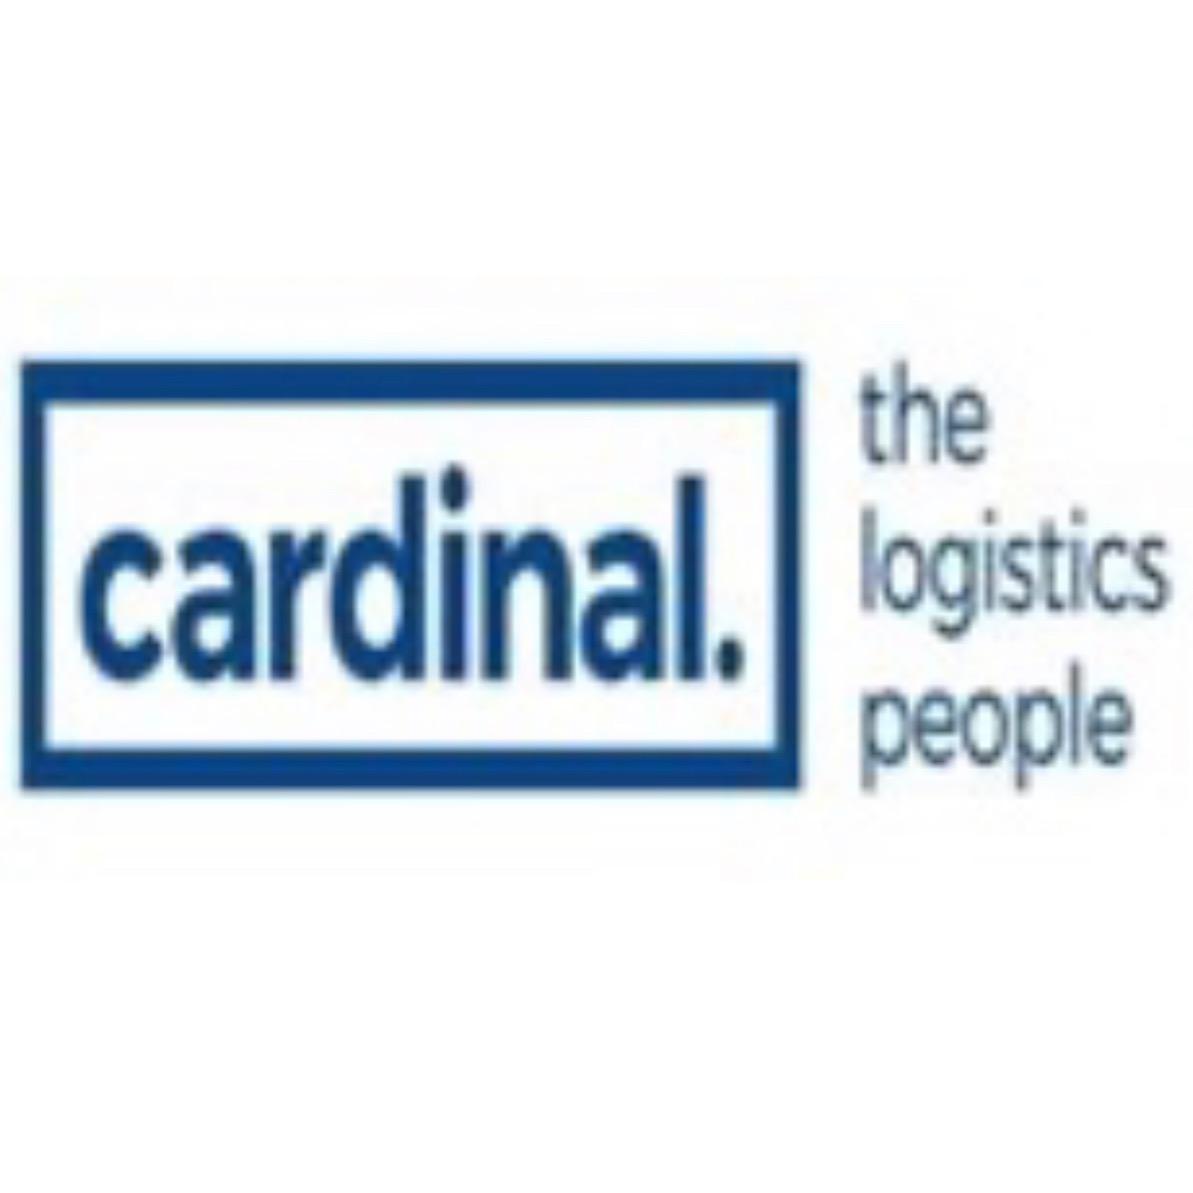 Cardinal Maritime